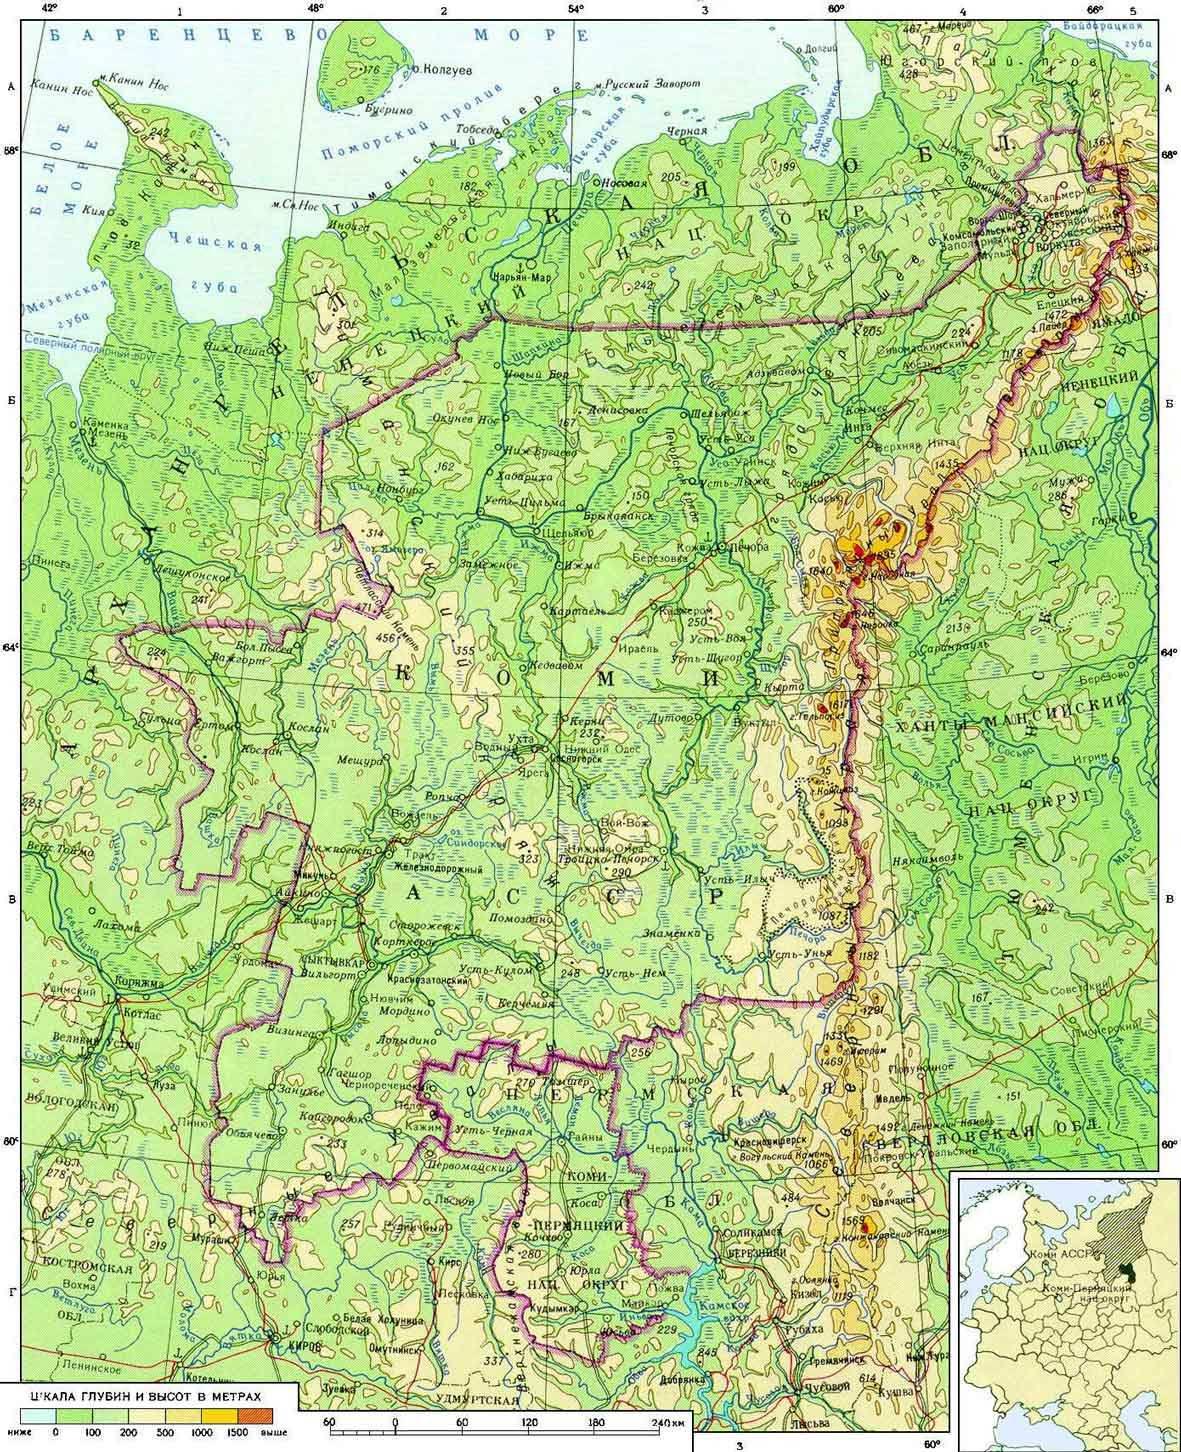 Физическая карта Республики Коми: http://kominarod.narod.ru/about/about11.htm